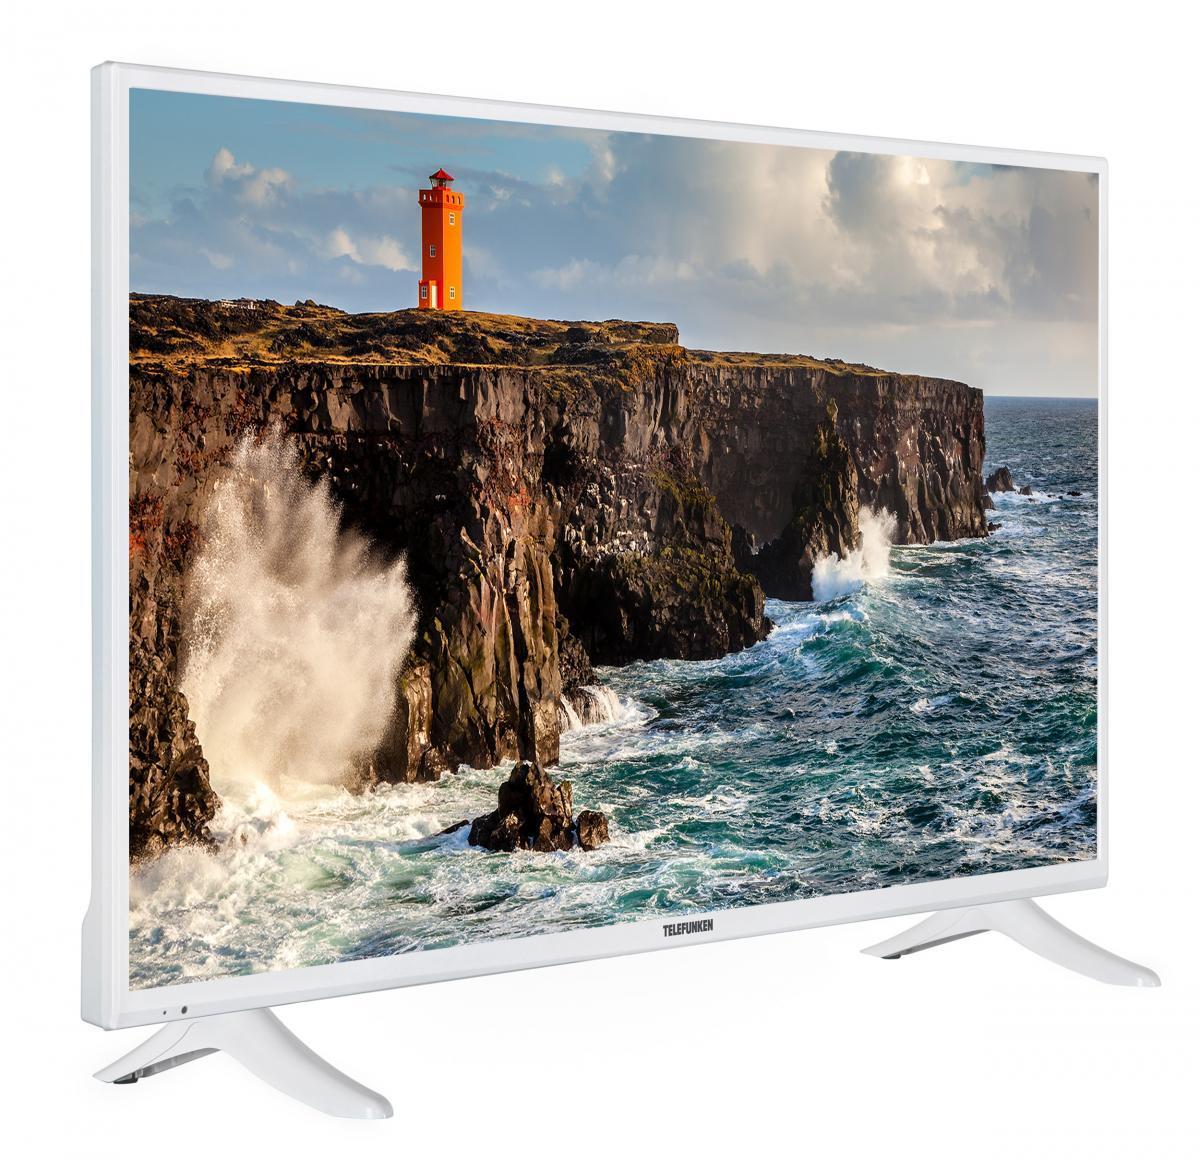 """Bild 2 von Telefunken LED TV 40"""" (102 cm)"""